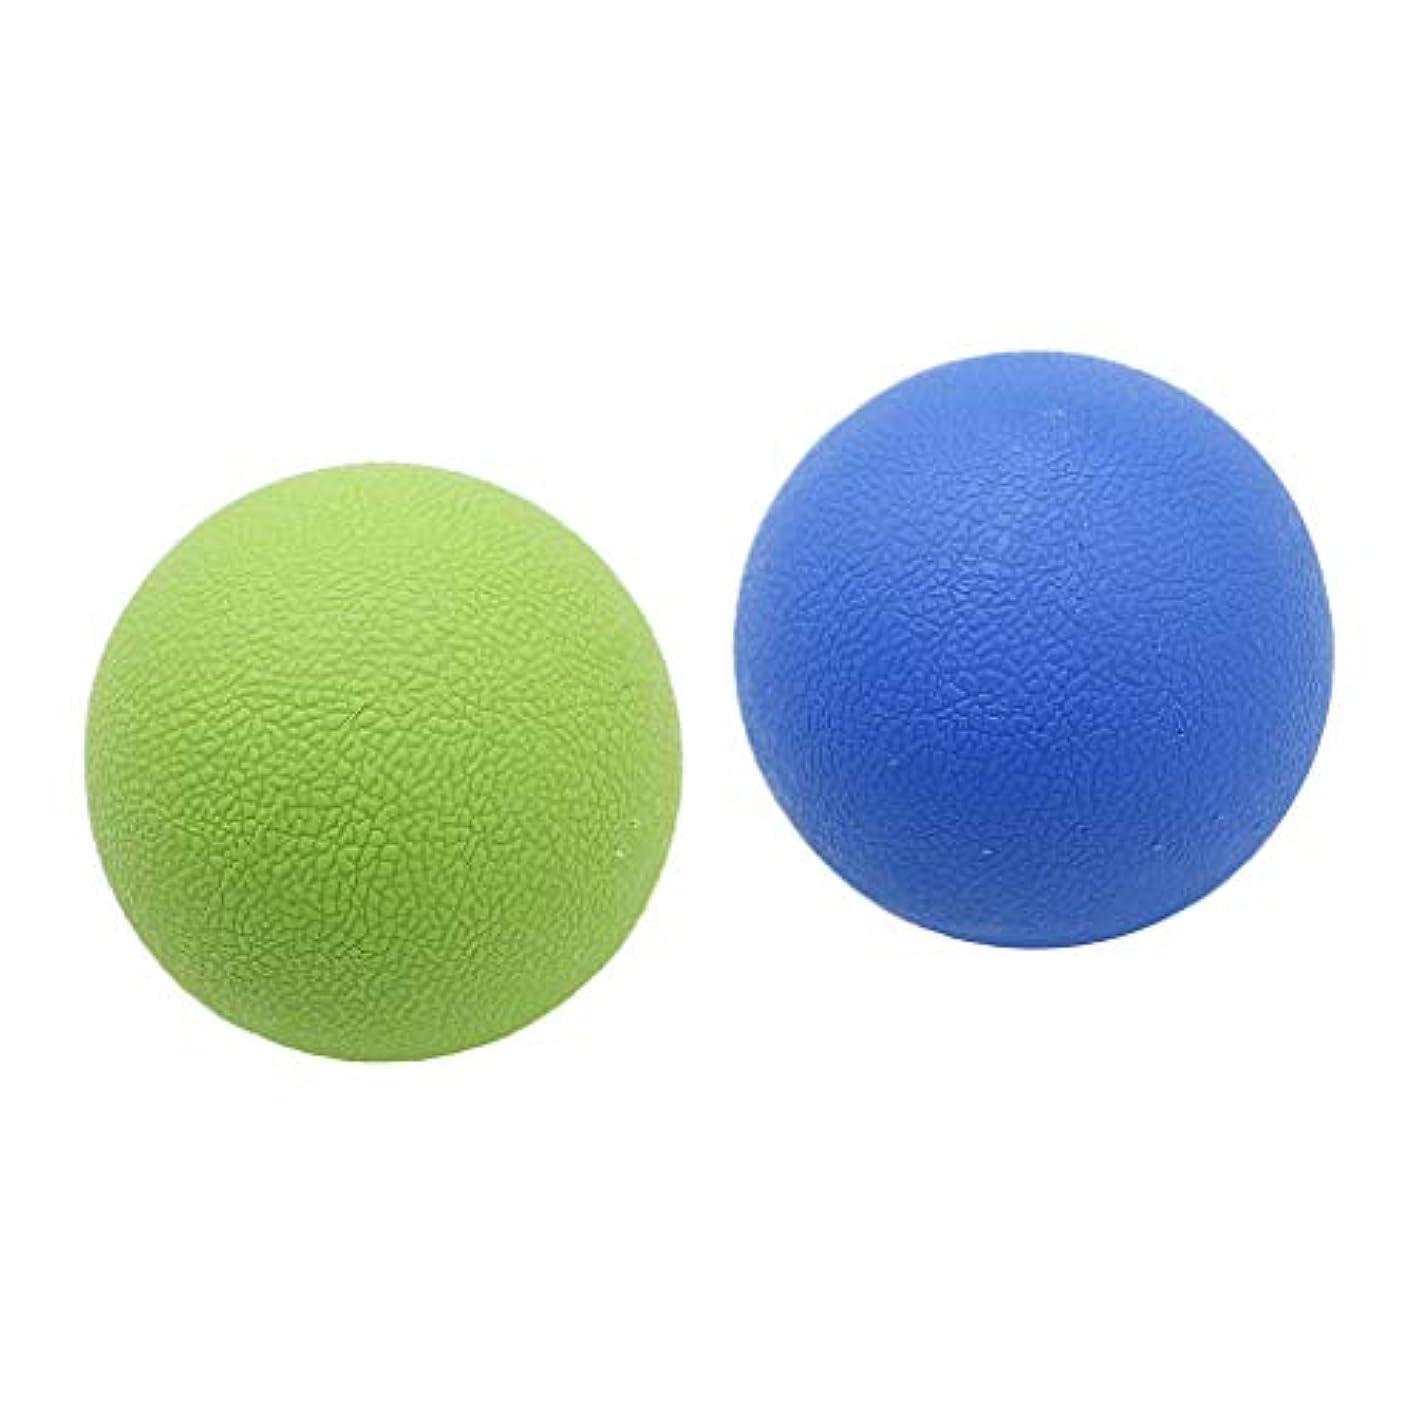 スクリュー親愛な衝突コースHellery 2個 マッサージボール ラクロスボール トリガーポイント 弾性TPE 健康グッズ ブルーグリーン